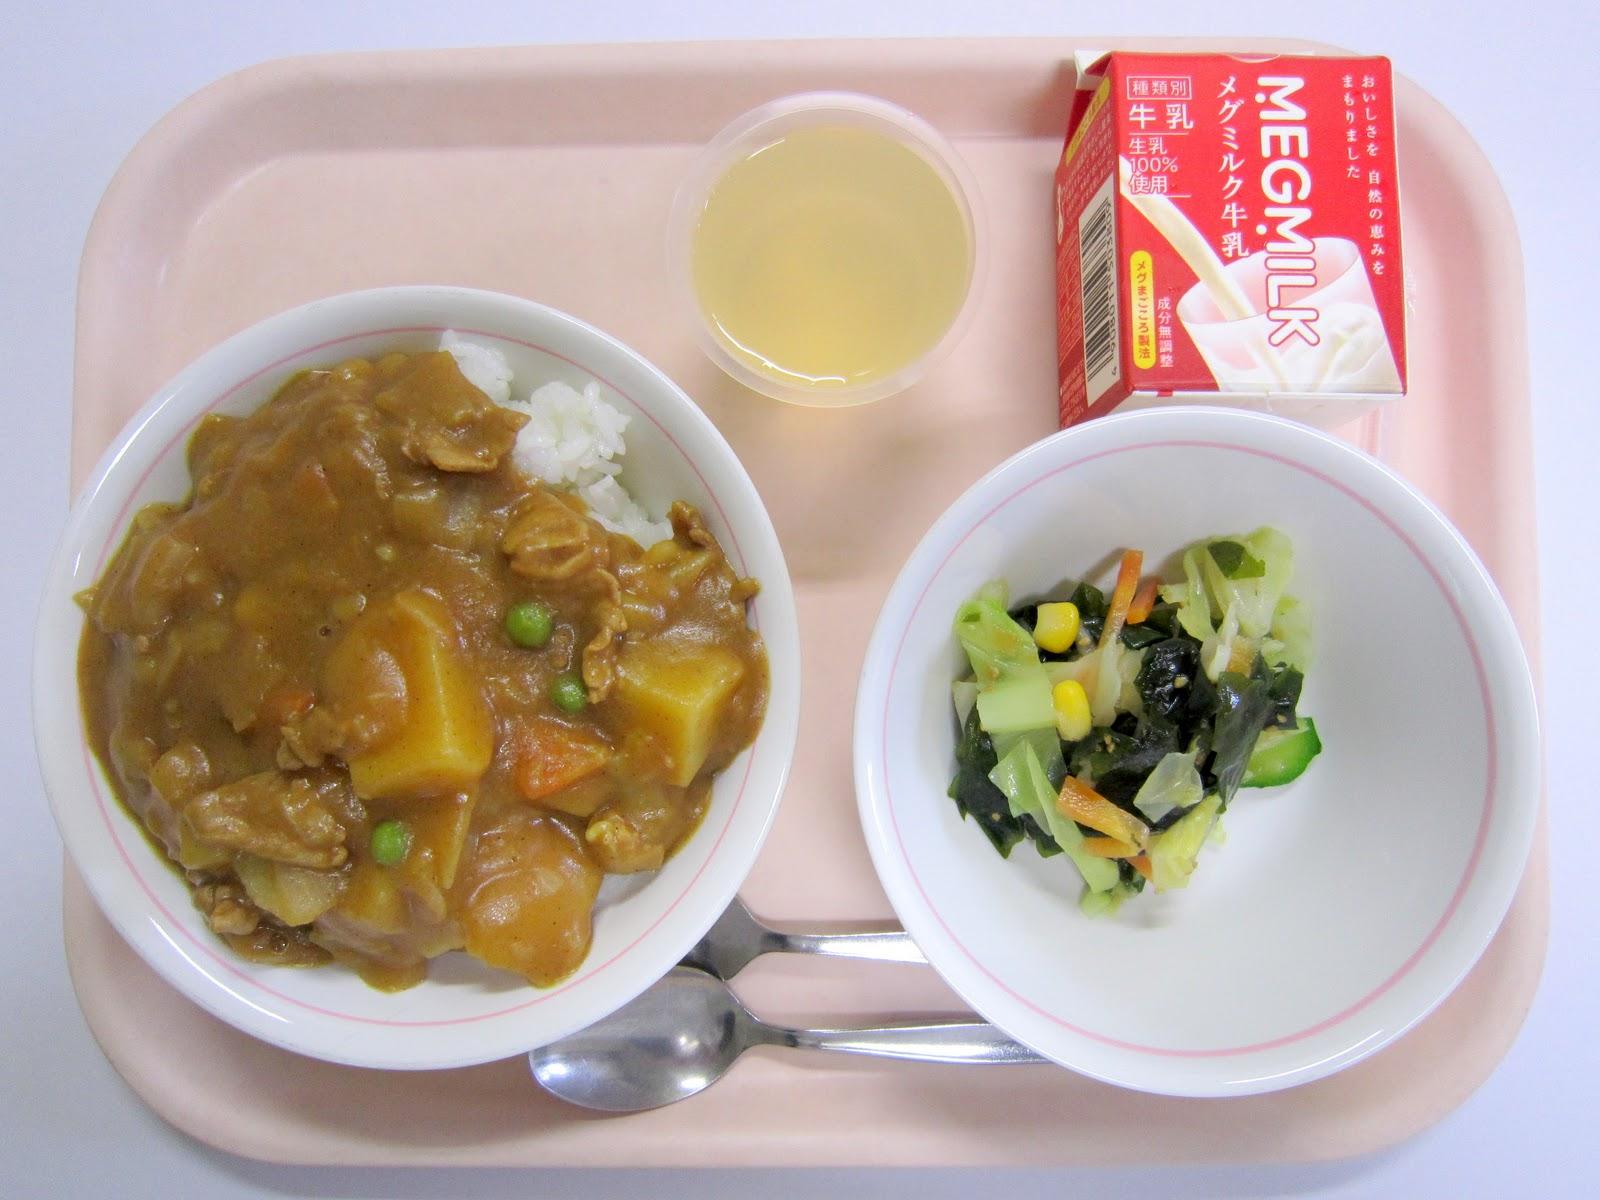 西伊興小学校ブログ: 12月9日(金)のおいしい給食 西伊興小学校ブロ...  12月9日(金)